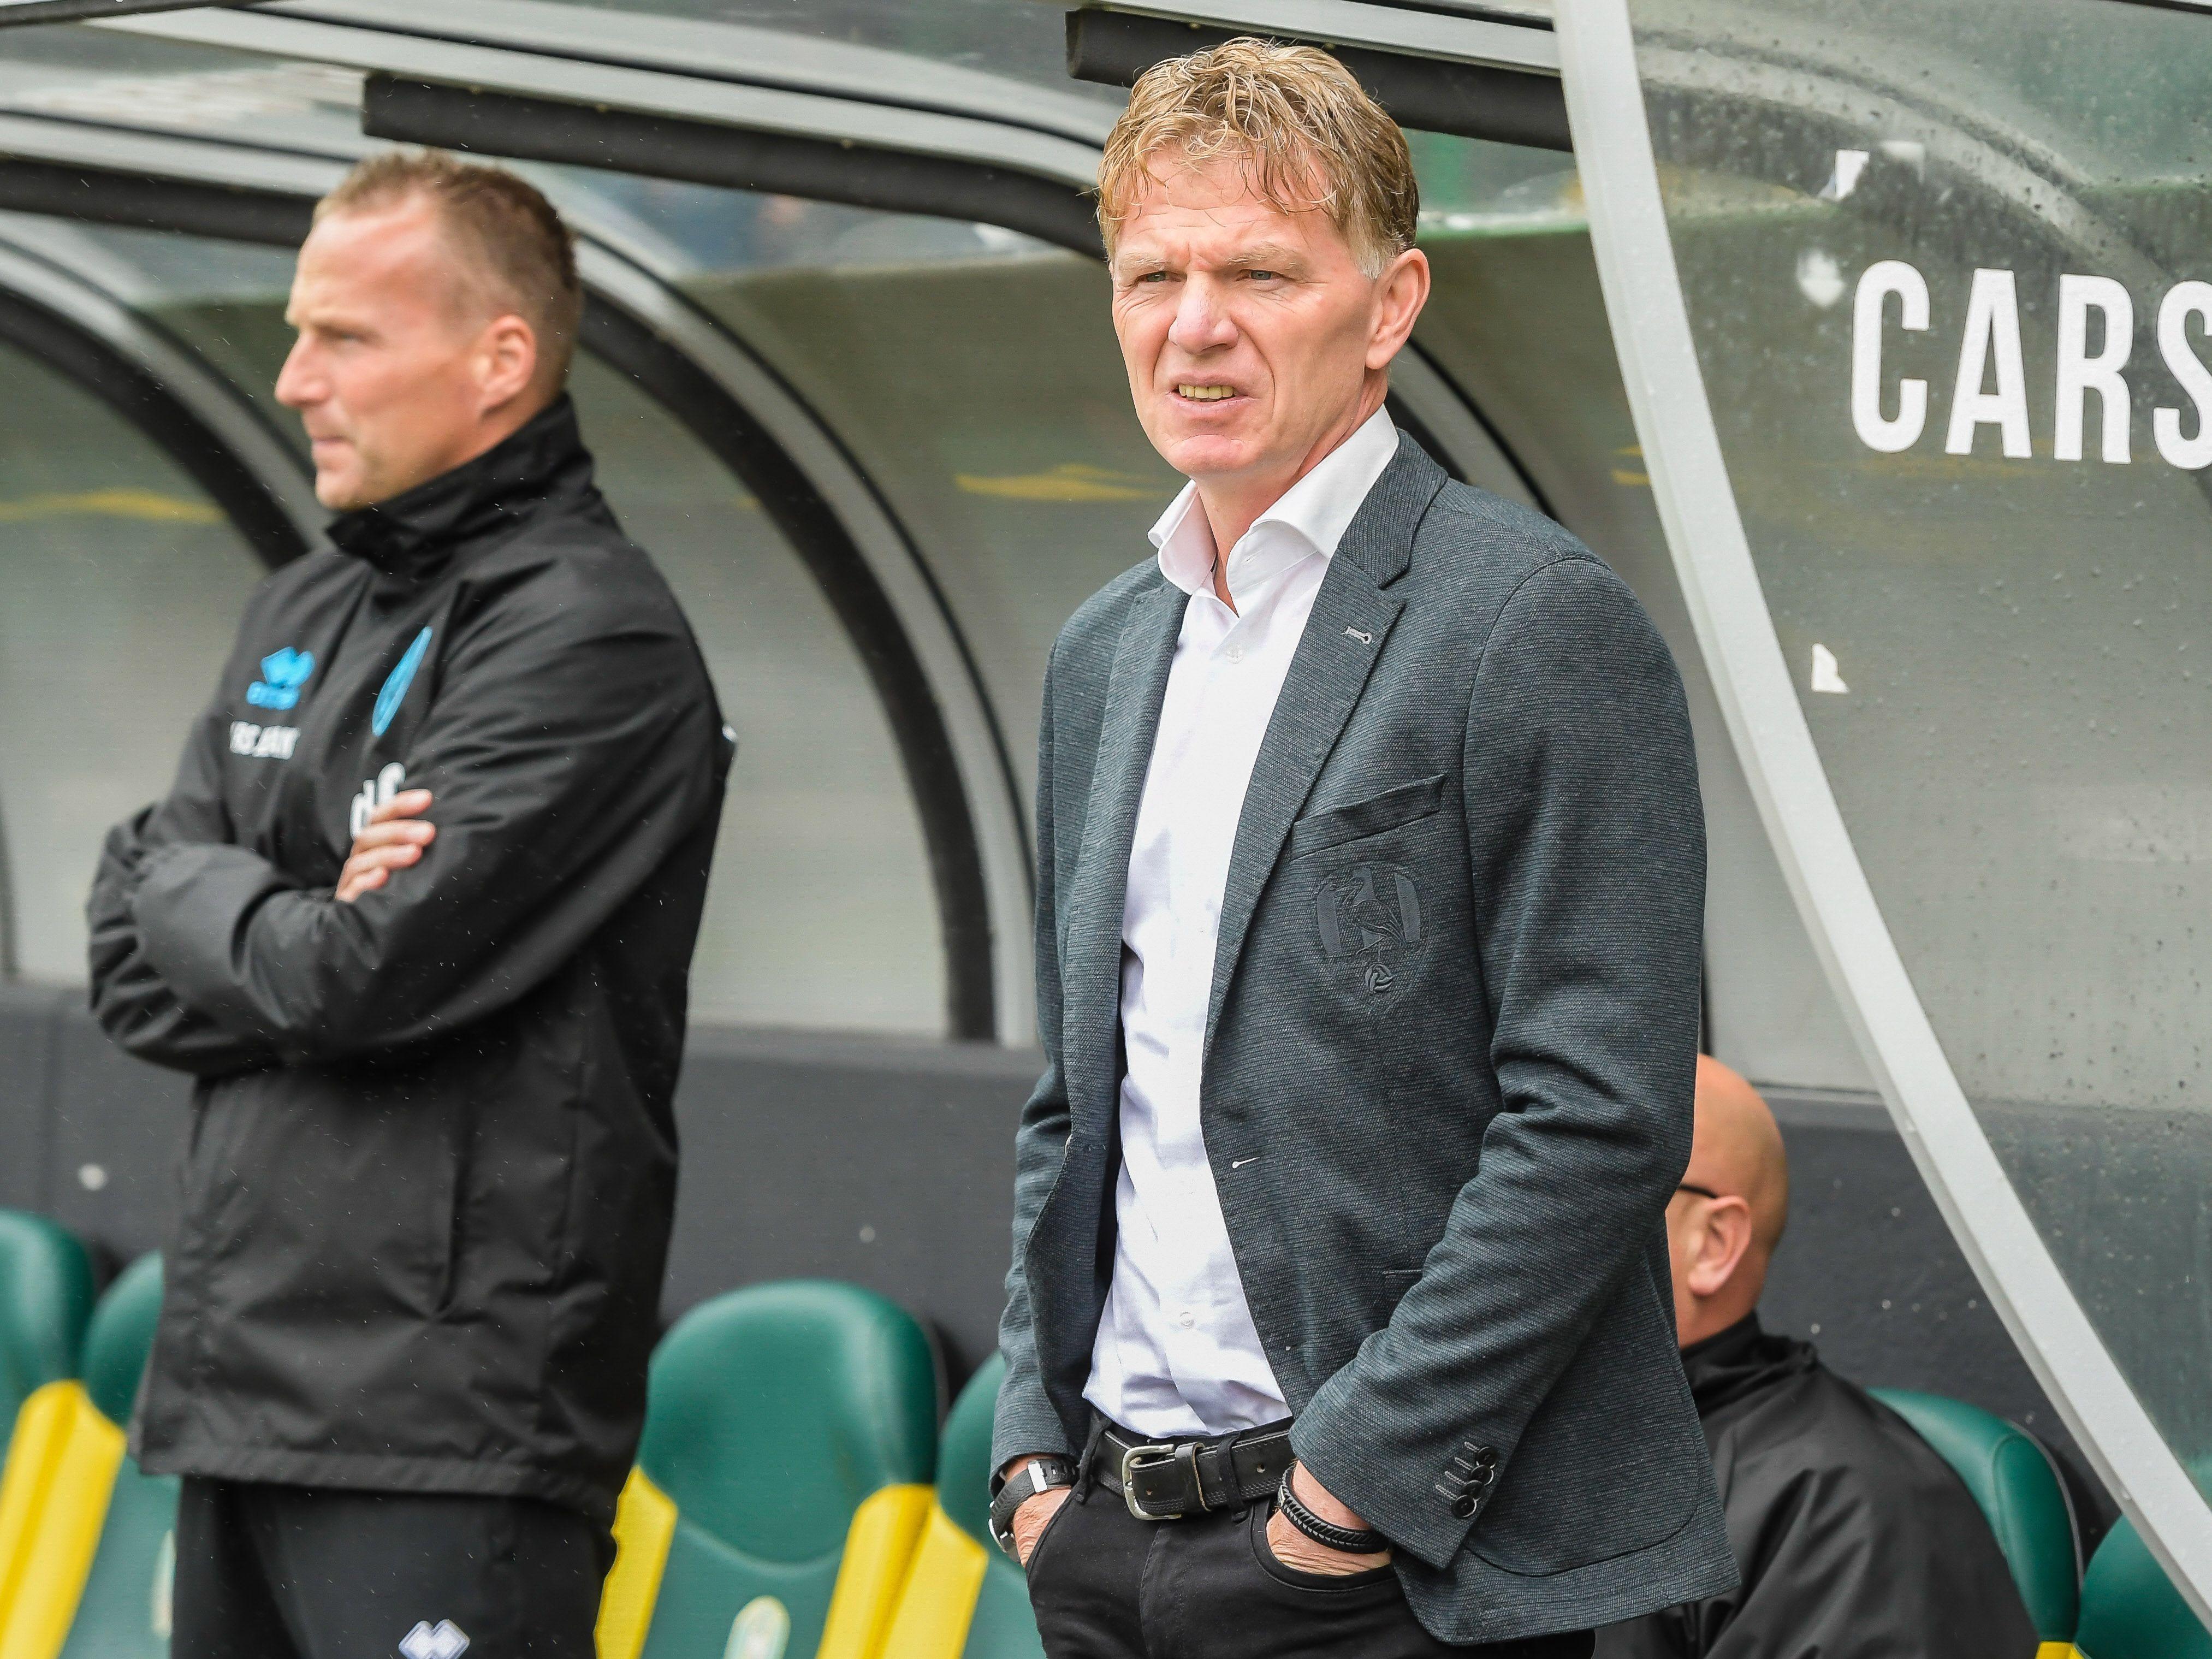 Fons Groenendijk zegt PEC Zwolle af: 'Het plaatje klopt niet, het gevoel is niet goed'